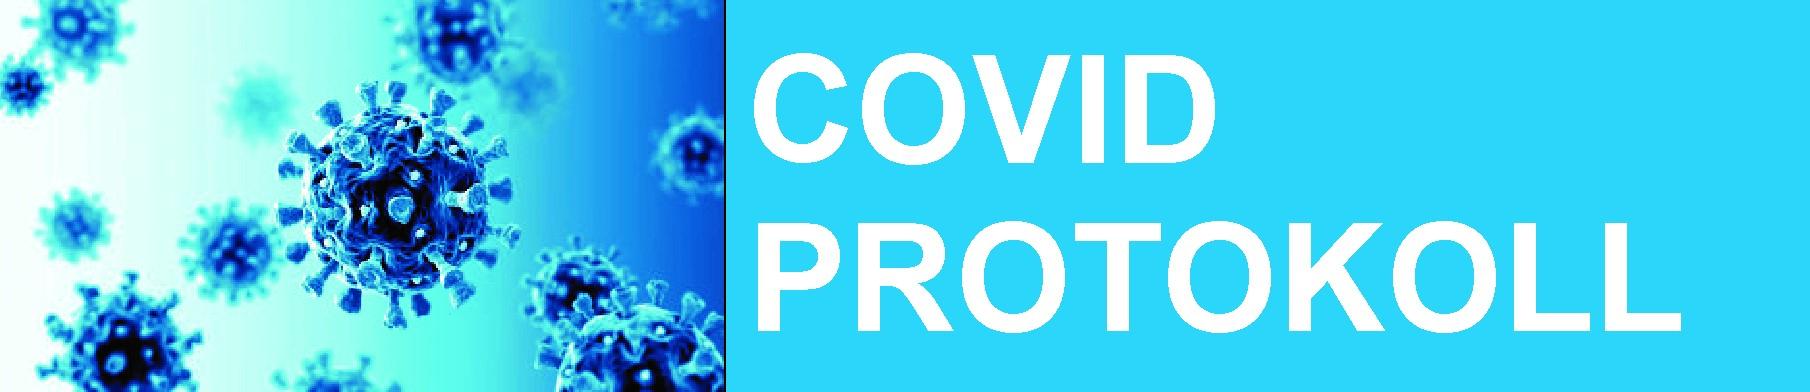 Kőrösi - COVID-19 protokoll